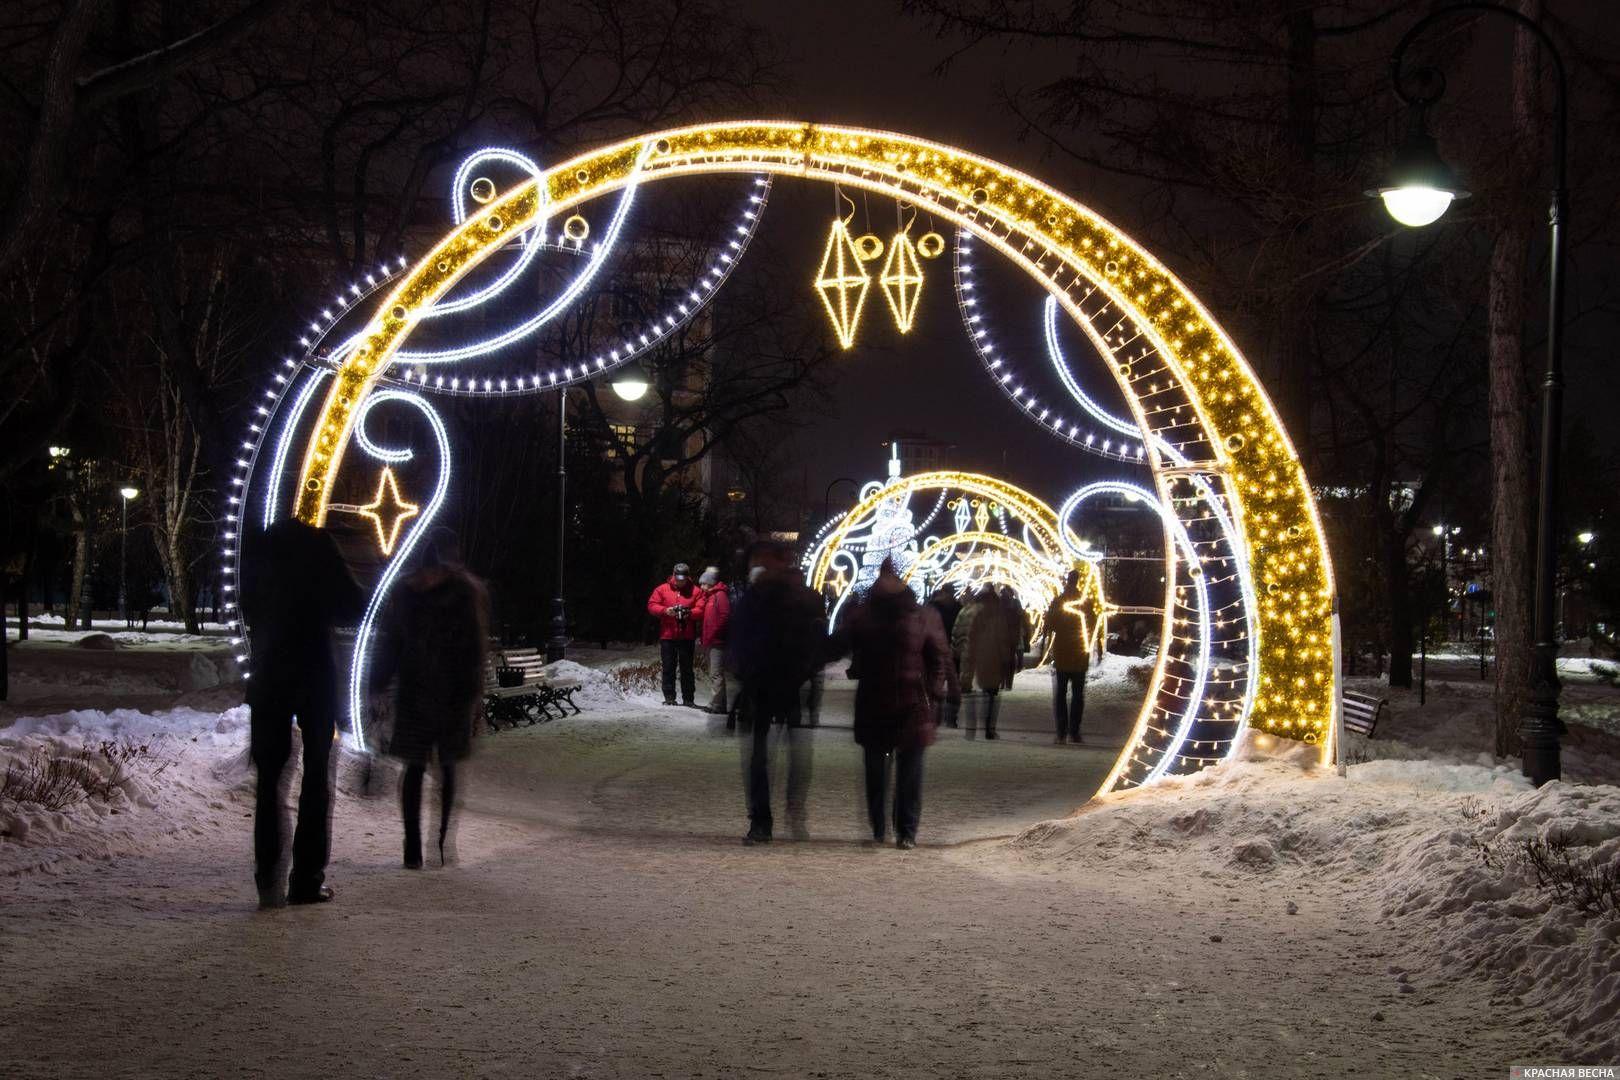 Аллея из светящихся арок